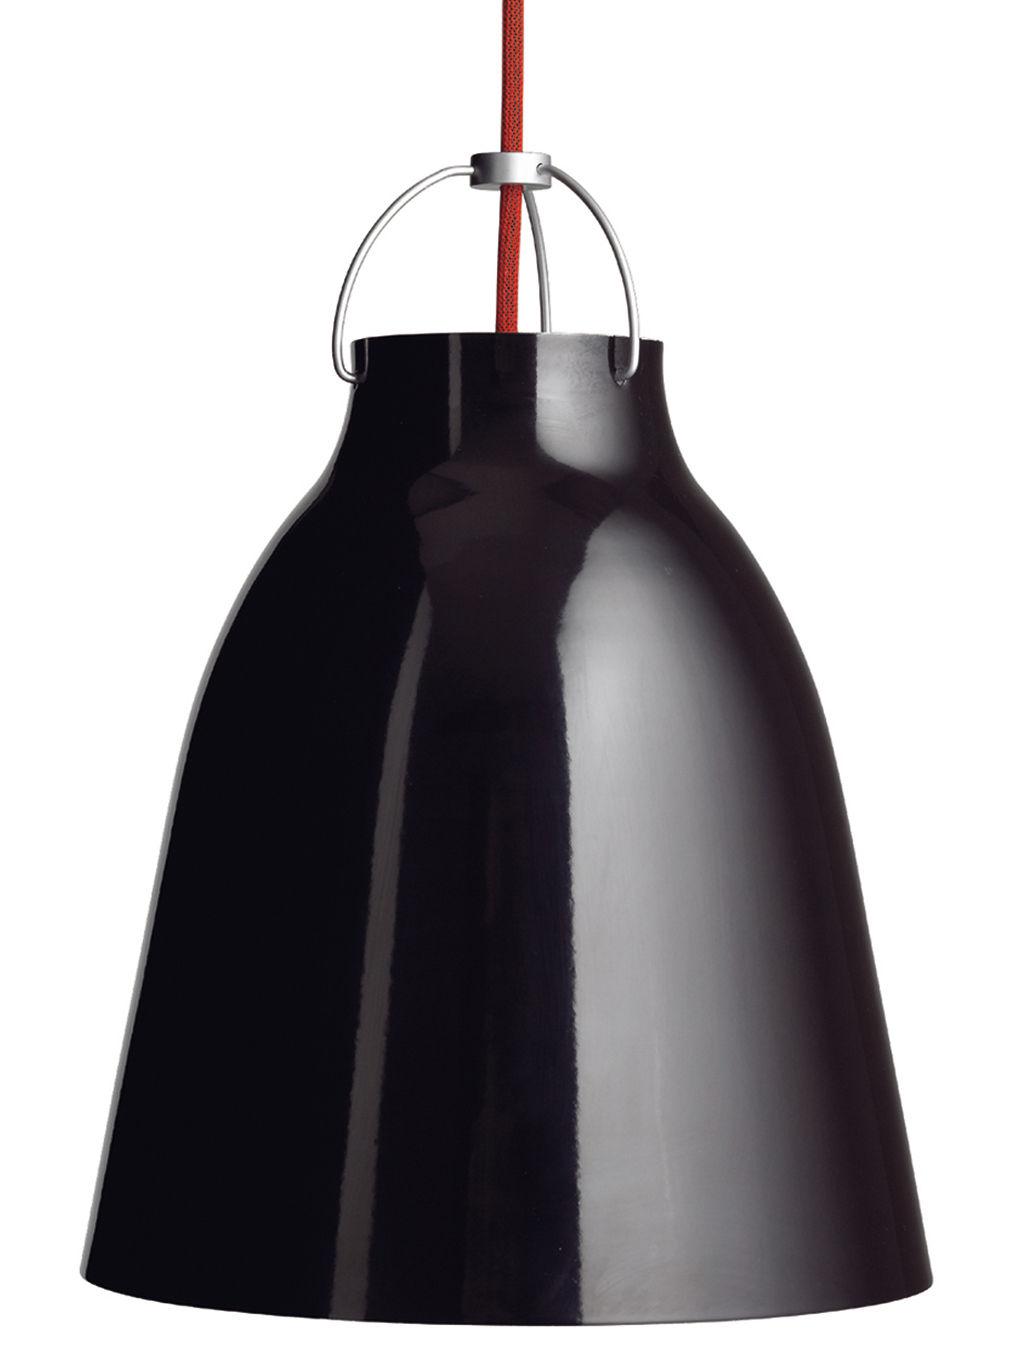 Illuminazione - Lampadari - Sospensione Caravaggio Small di Lightyears - Nero - Ø 16,5 cm - Alluminio laccato